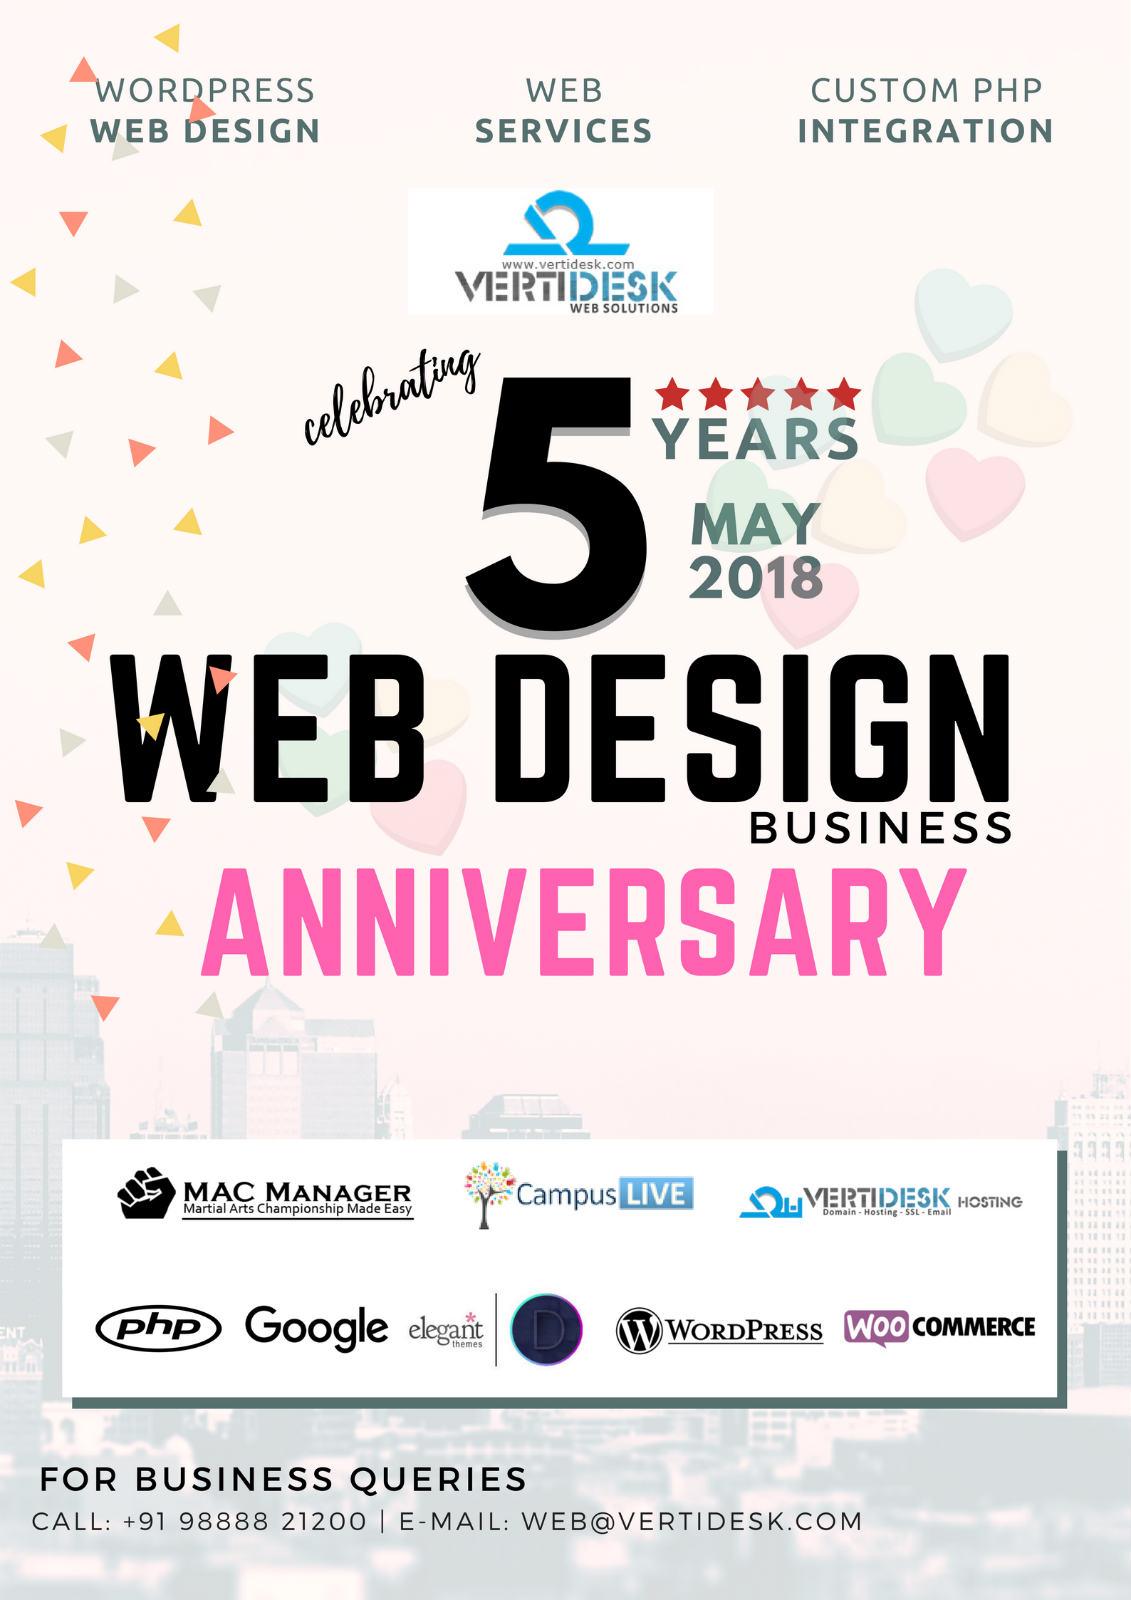 celebrating 5 years anniversary may 2018 vertidesk